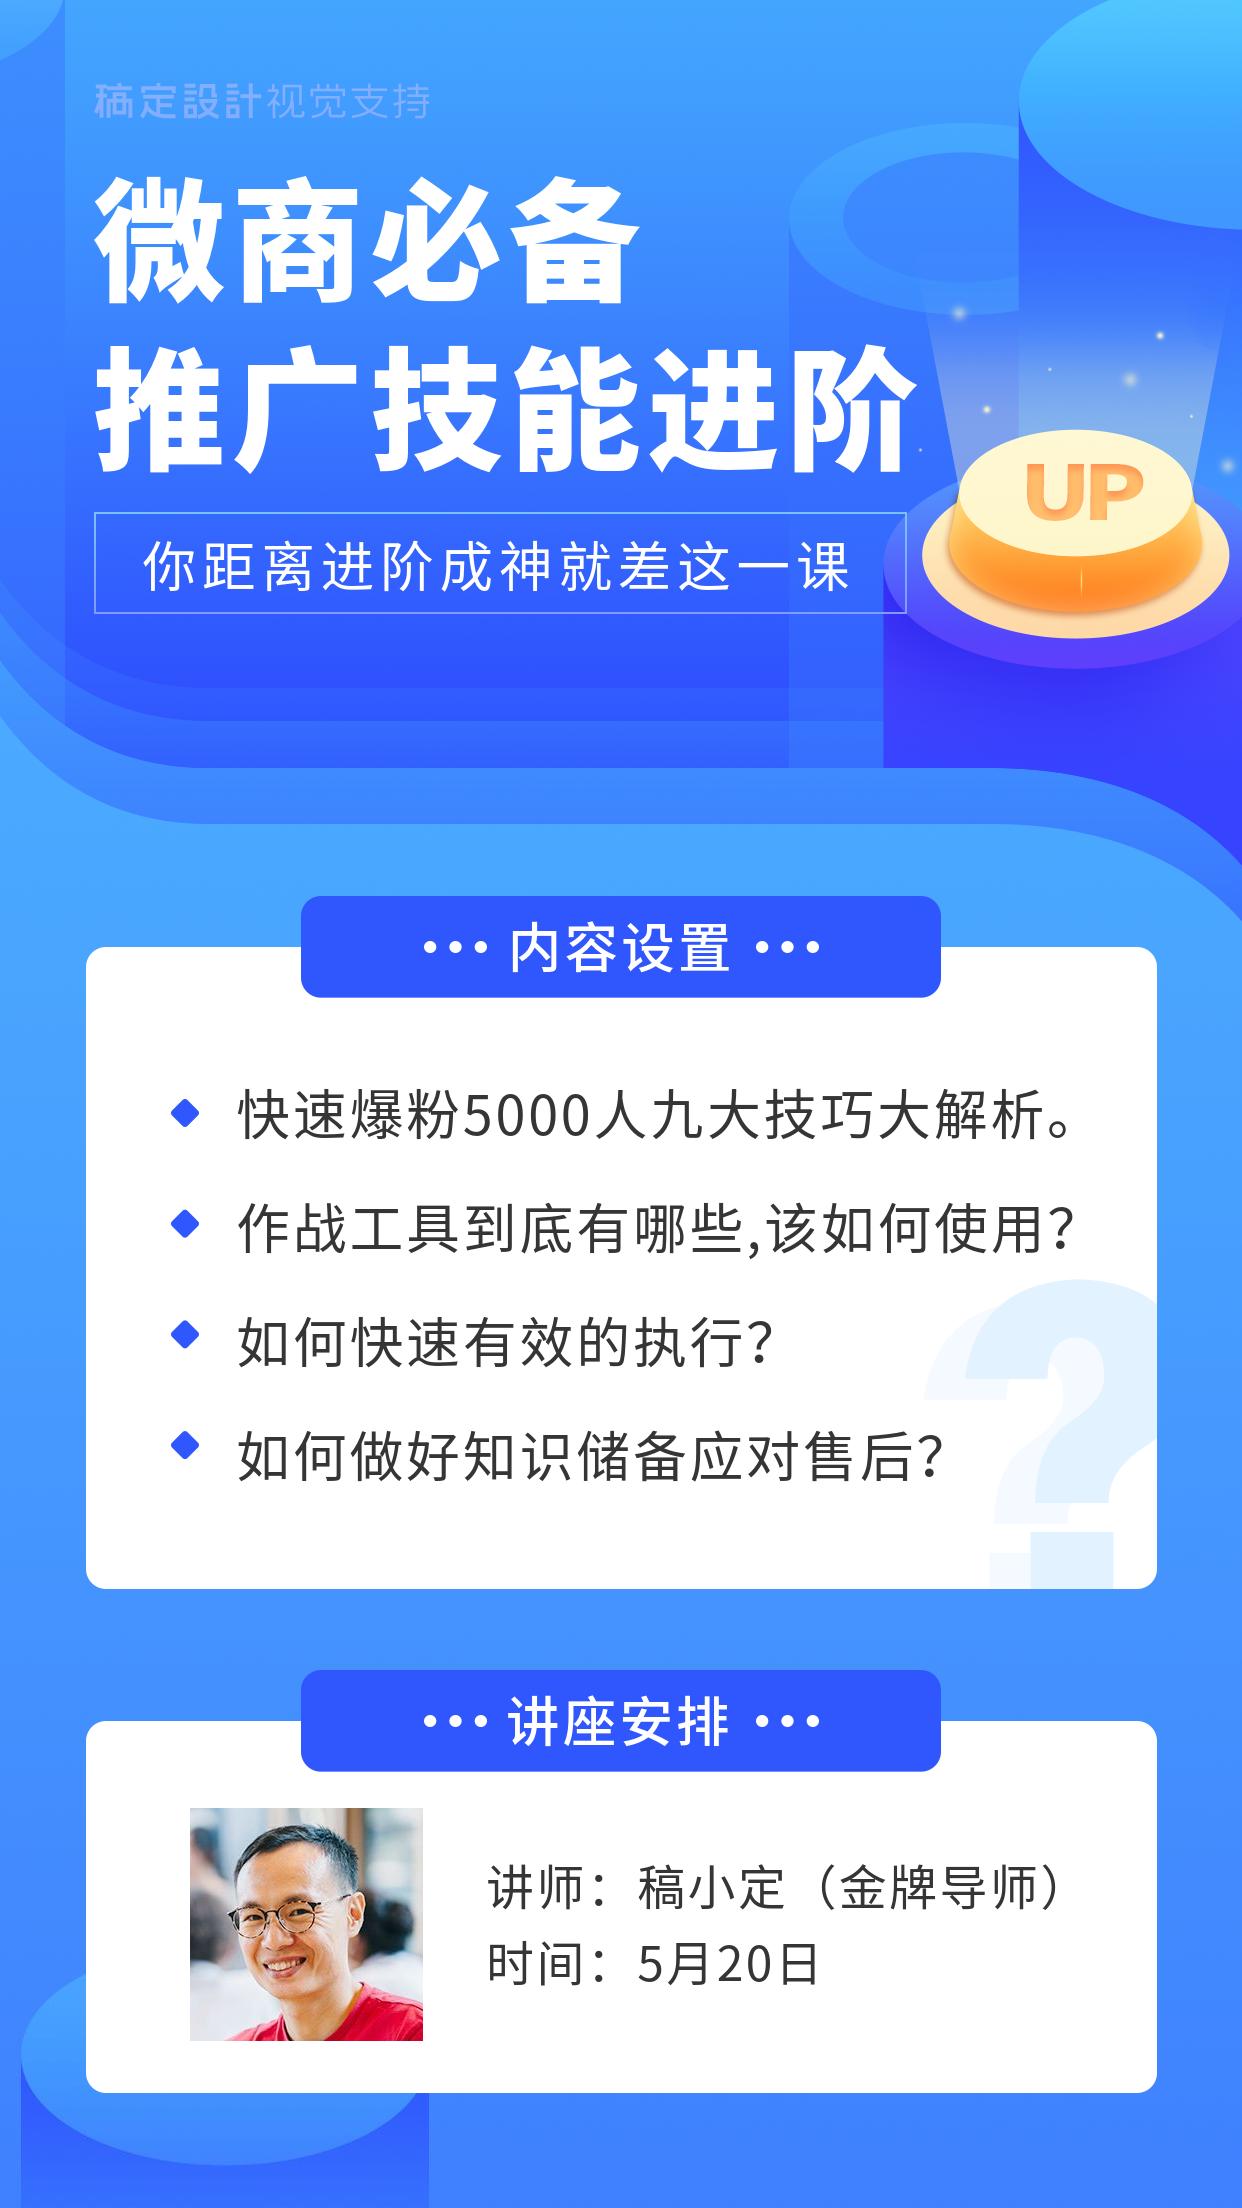 微商运营推广培训课程介绍